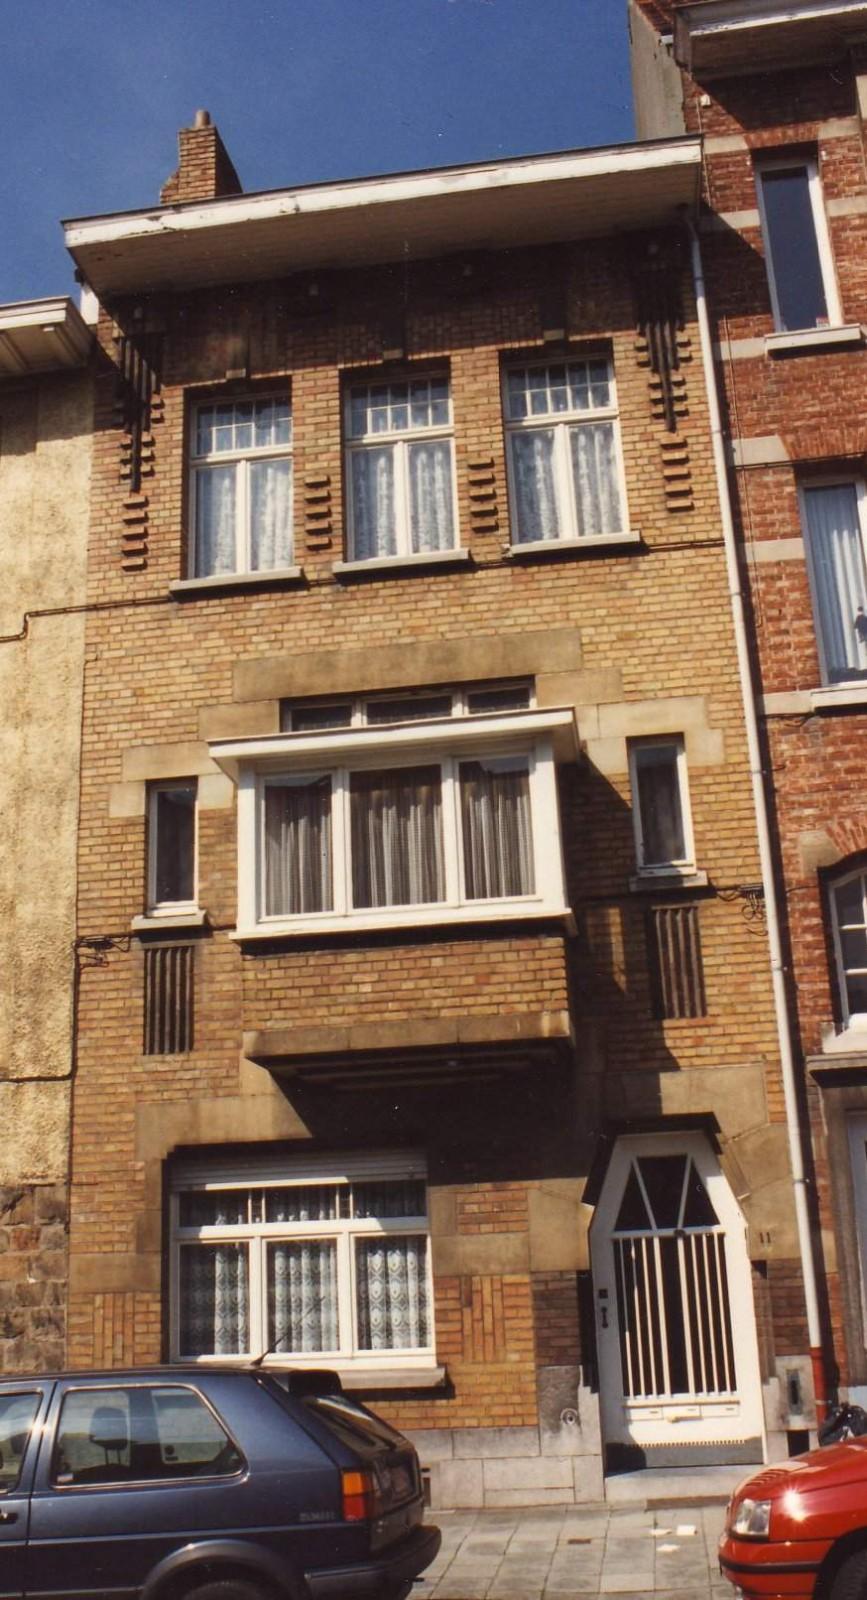 Pierre Hap-Lemaîtrestraat 11., 1994